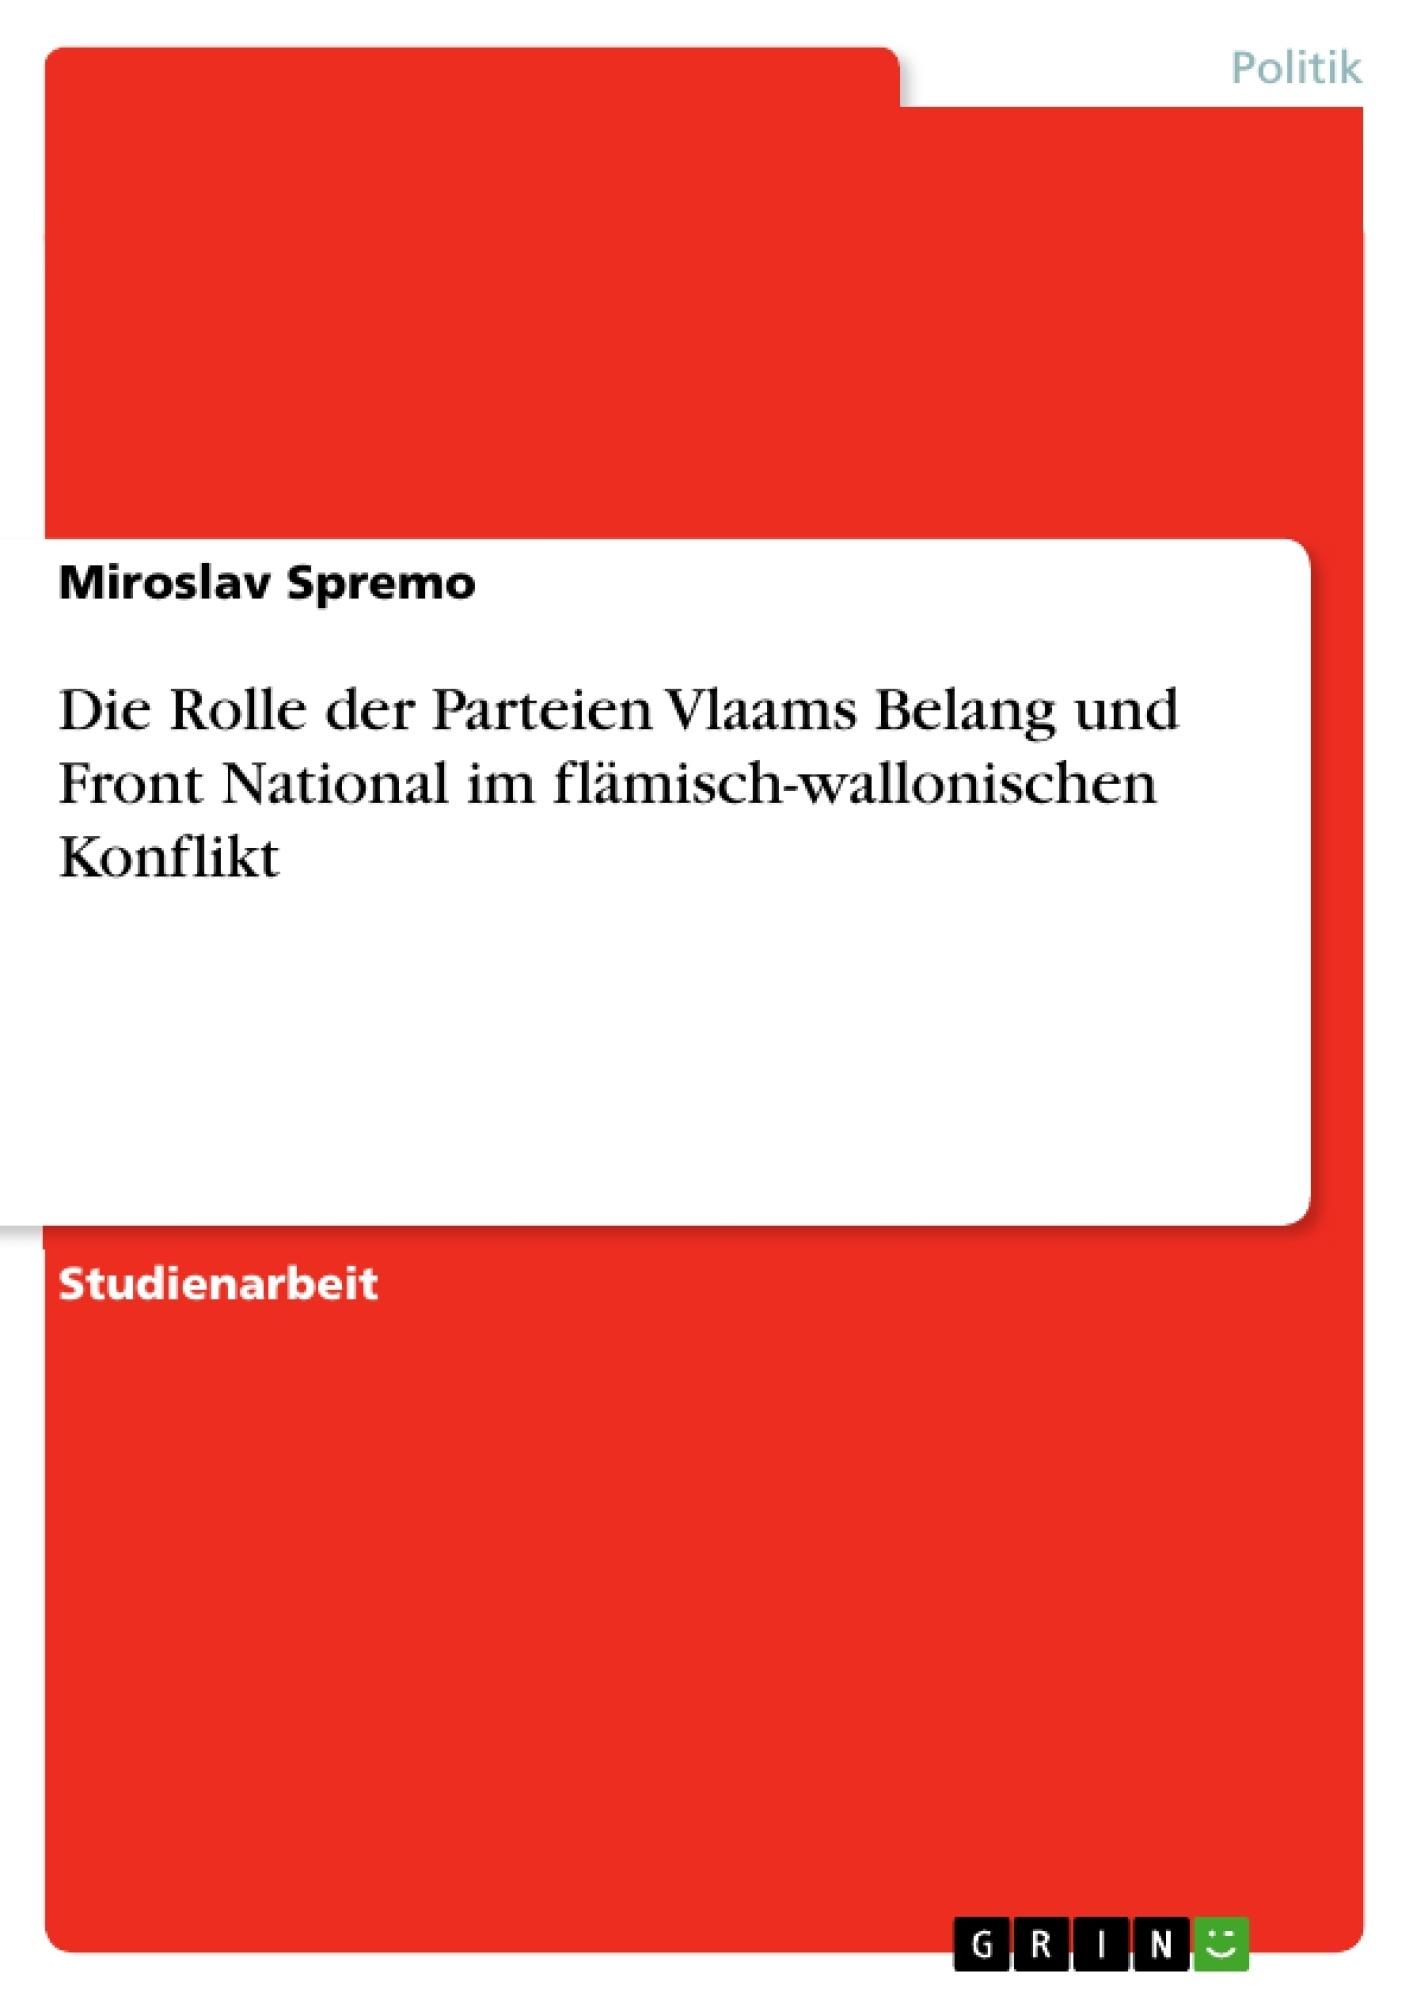 Titel: Die Rolle der Parteien Vlaams Belang und Front National im flämisch-wallonischen Konflikt